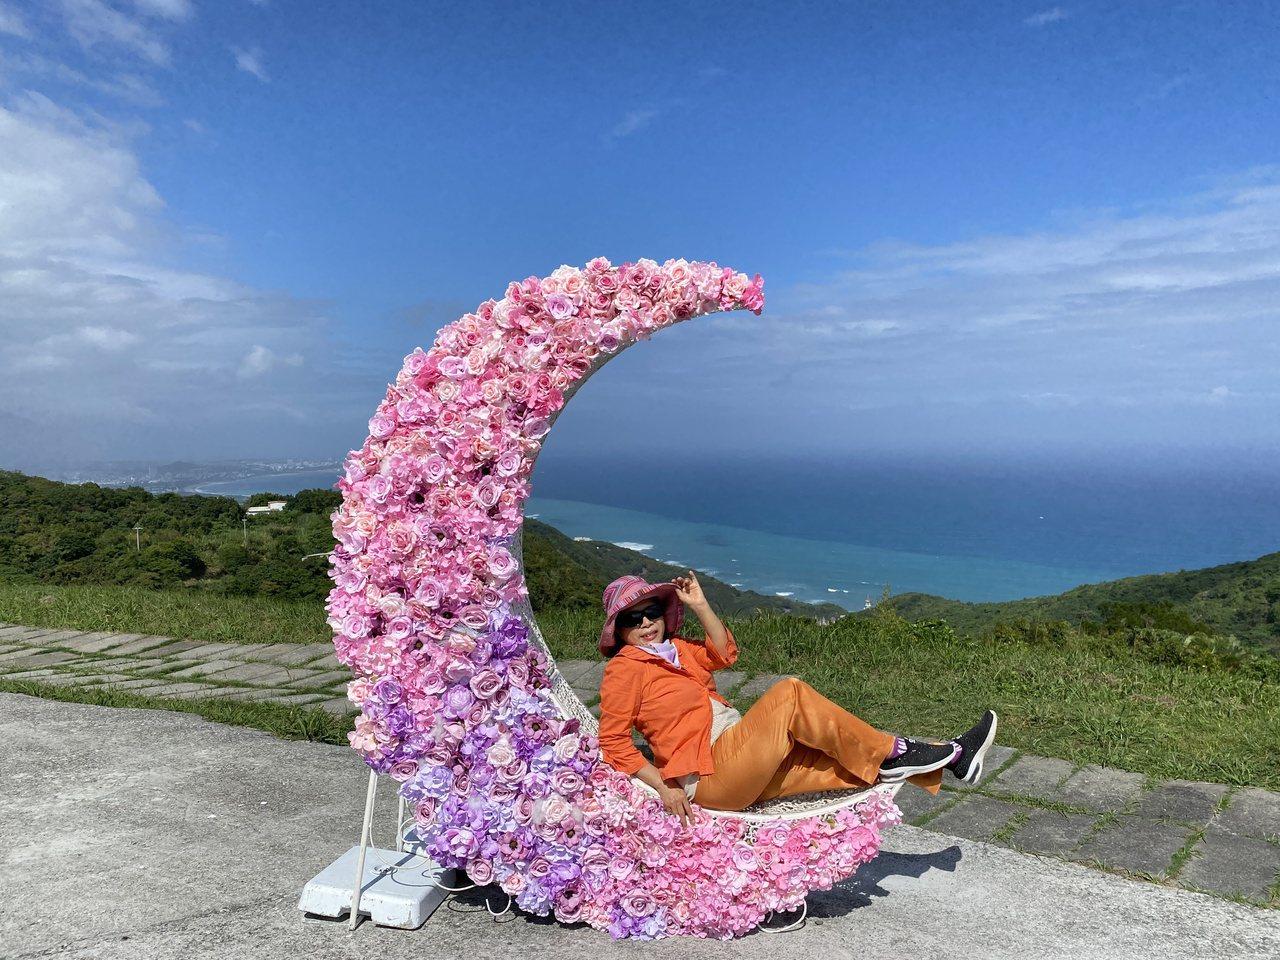 花蓮景觀玻璃屋設有造景藝術品,吸引遊客拍照留念。 圖/王思慧 攝影